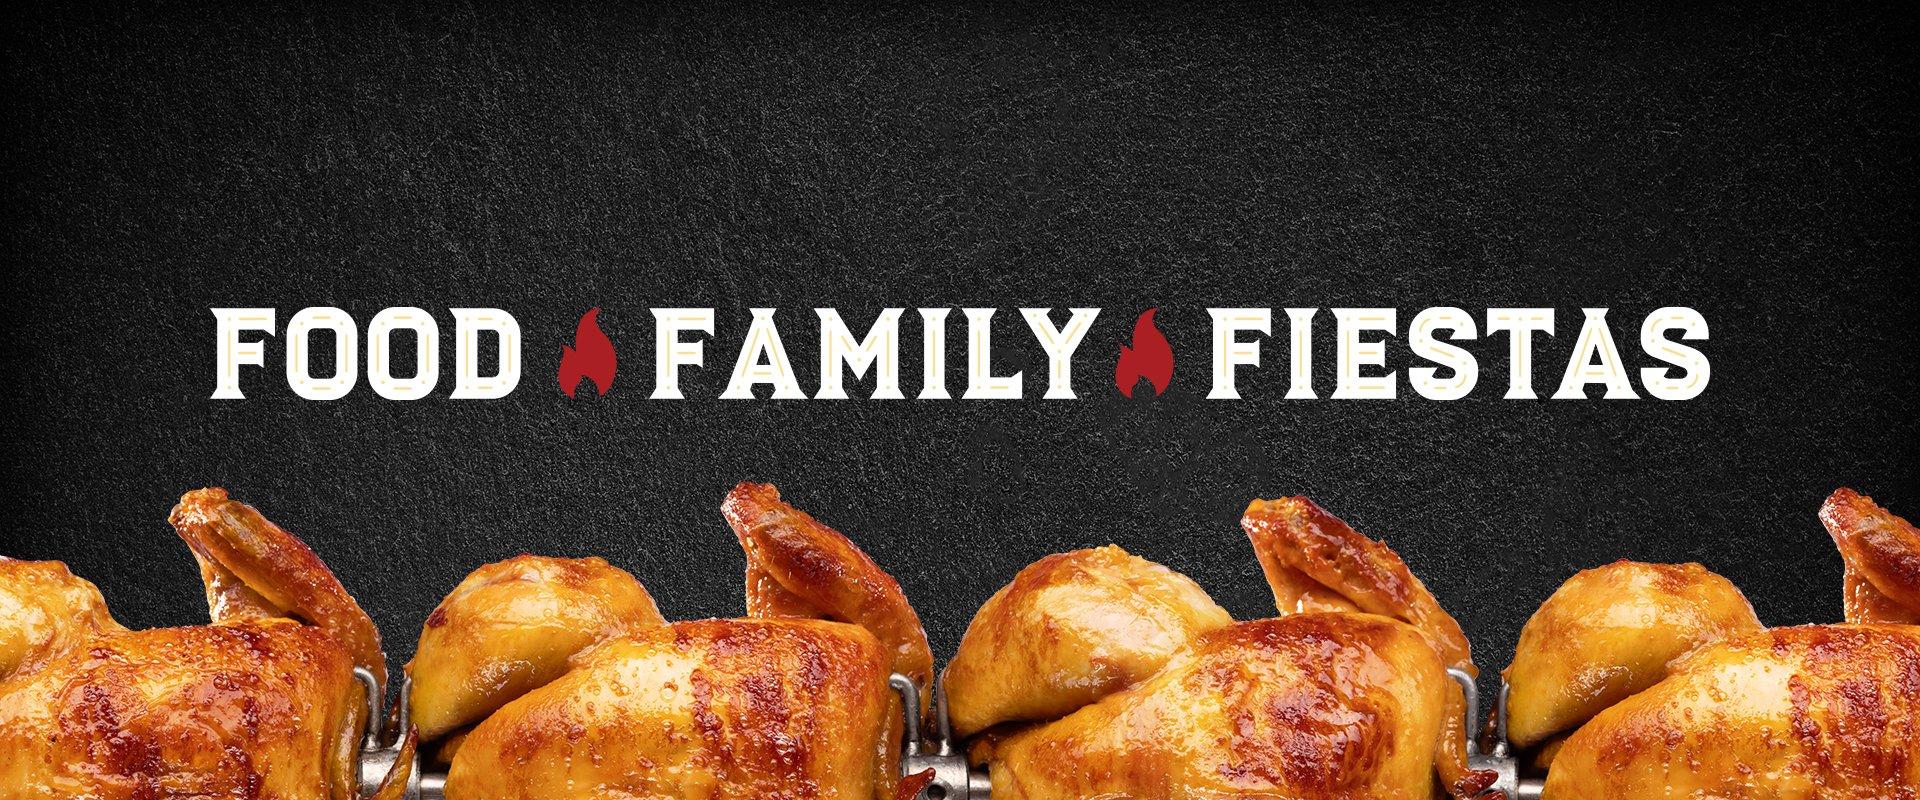 Juan Pollo - Food, Family, Fiestas